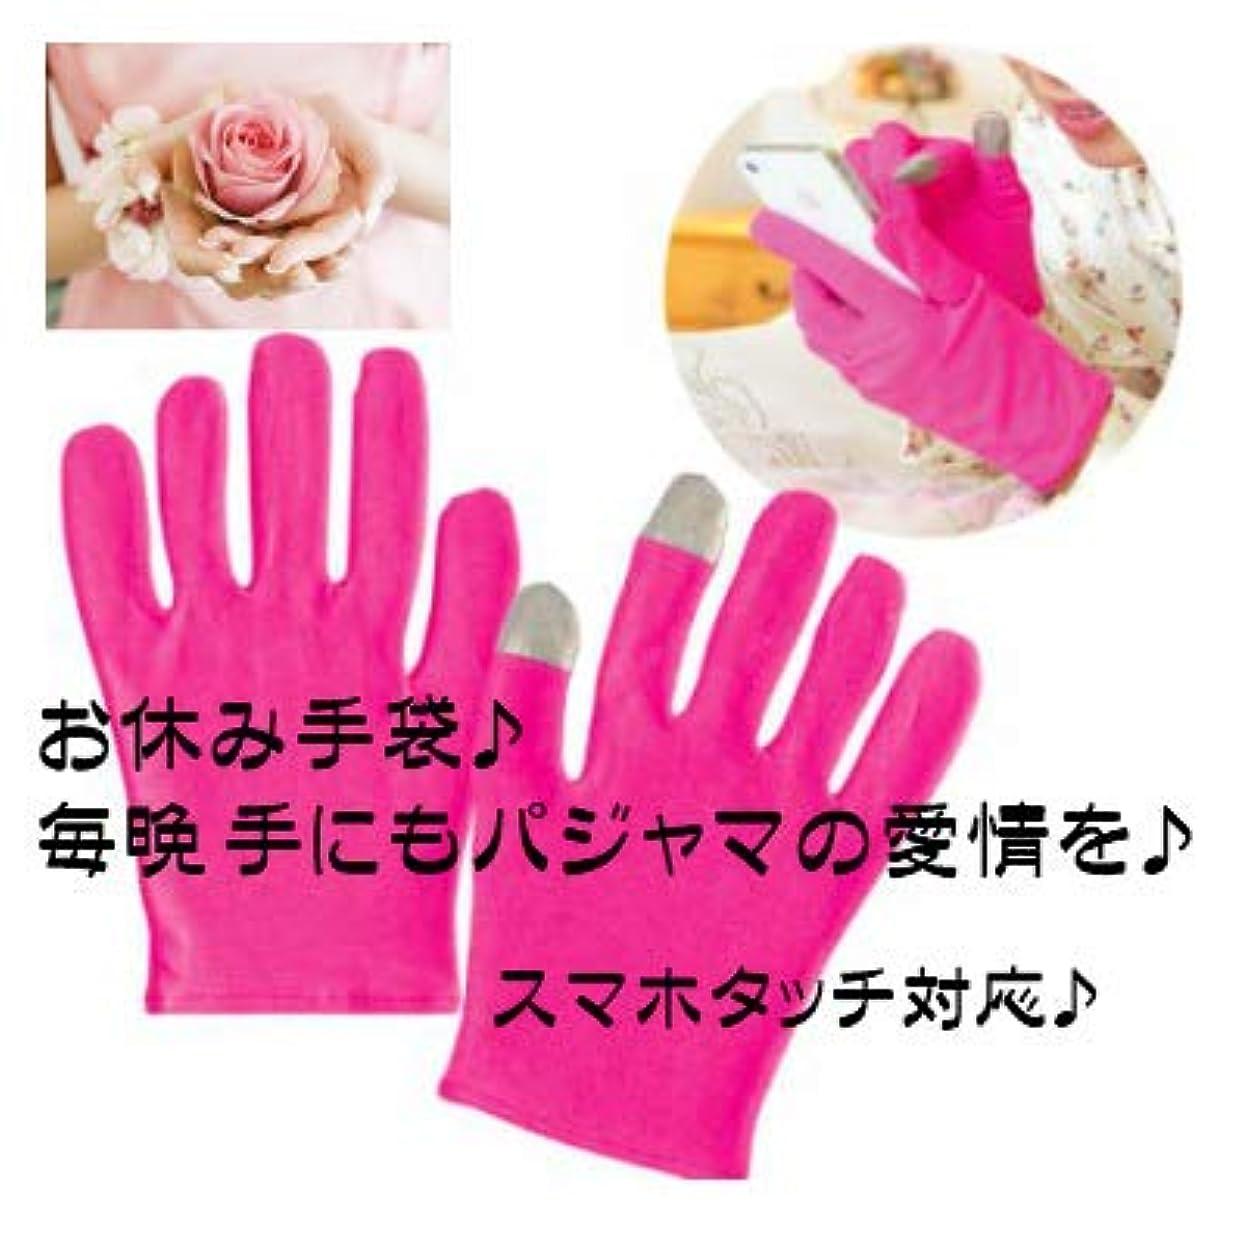 のみバングラデシュ無知美容ハンドケア手袋 就寝手袋 スマホタッチ対応 おやすみ手袋保湿手袋